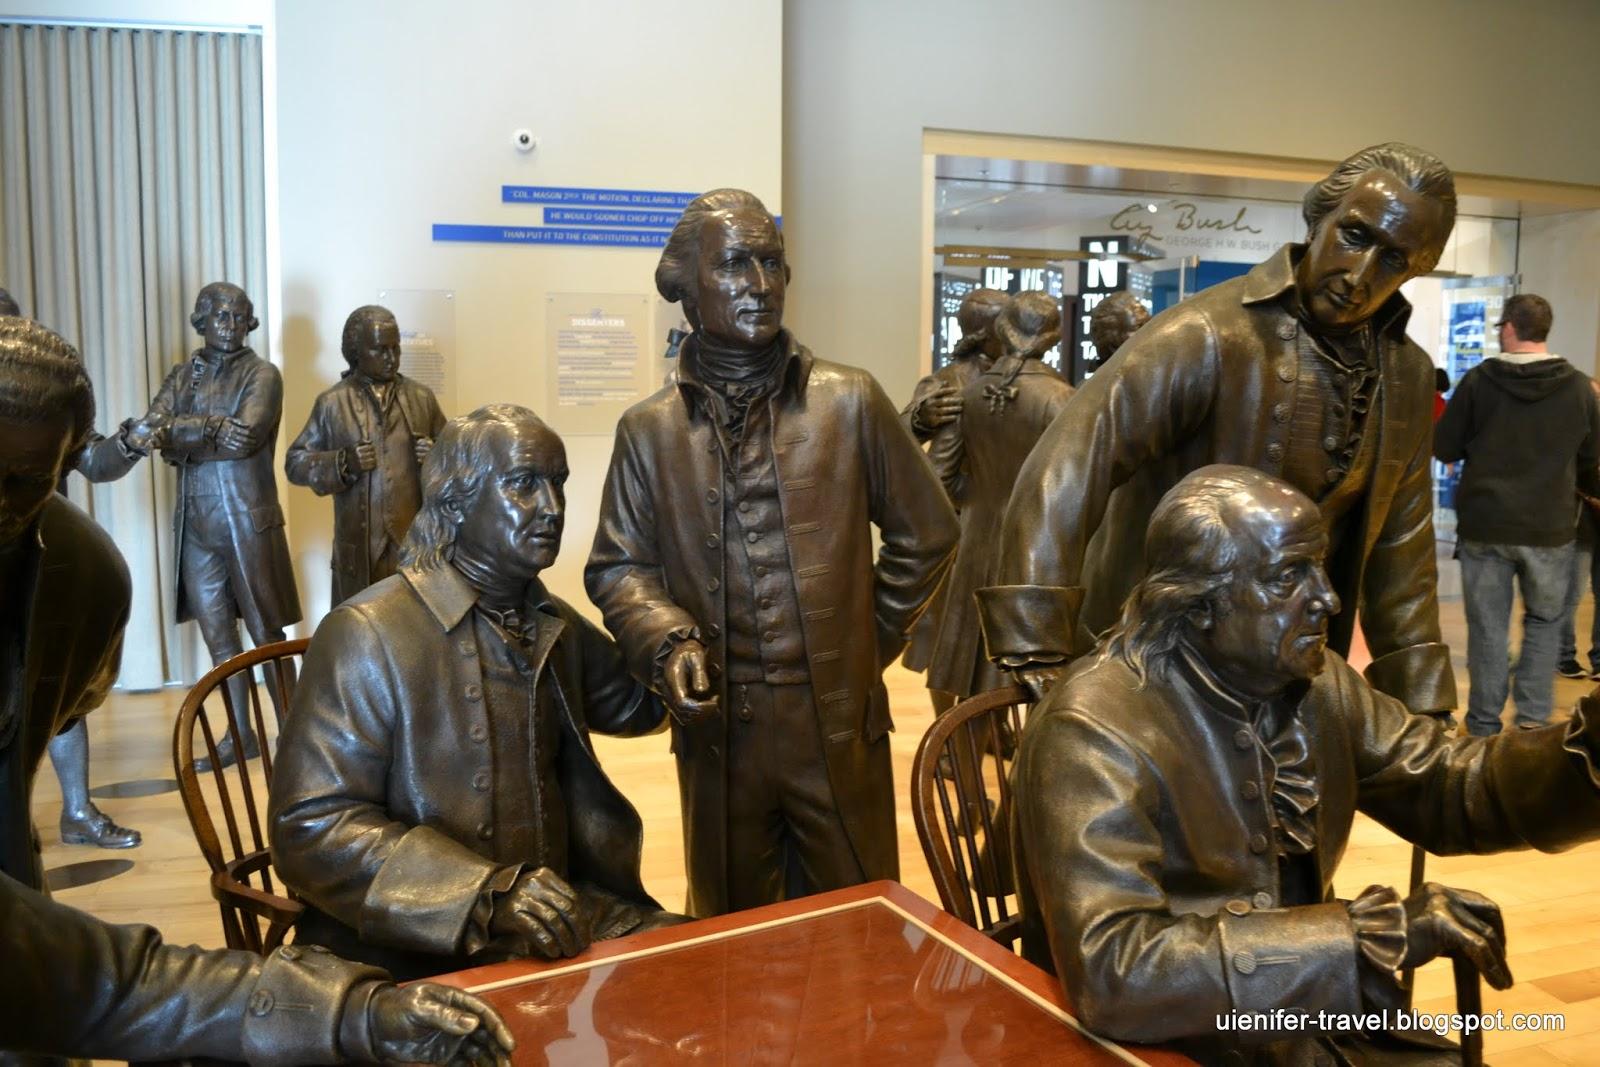 Музей Конституции, Филадельфия, Пенсильвания (National Constitution Center, Philadelphia, PA)